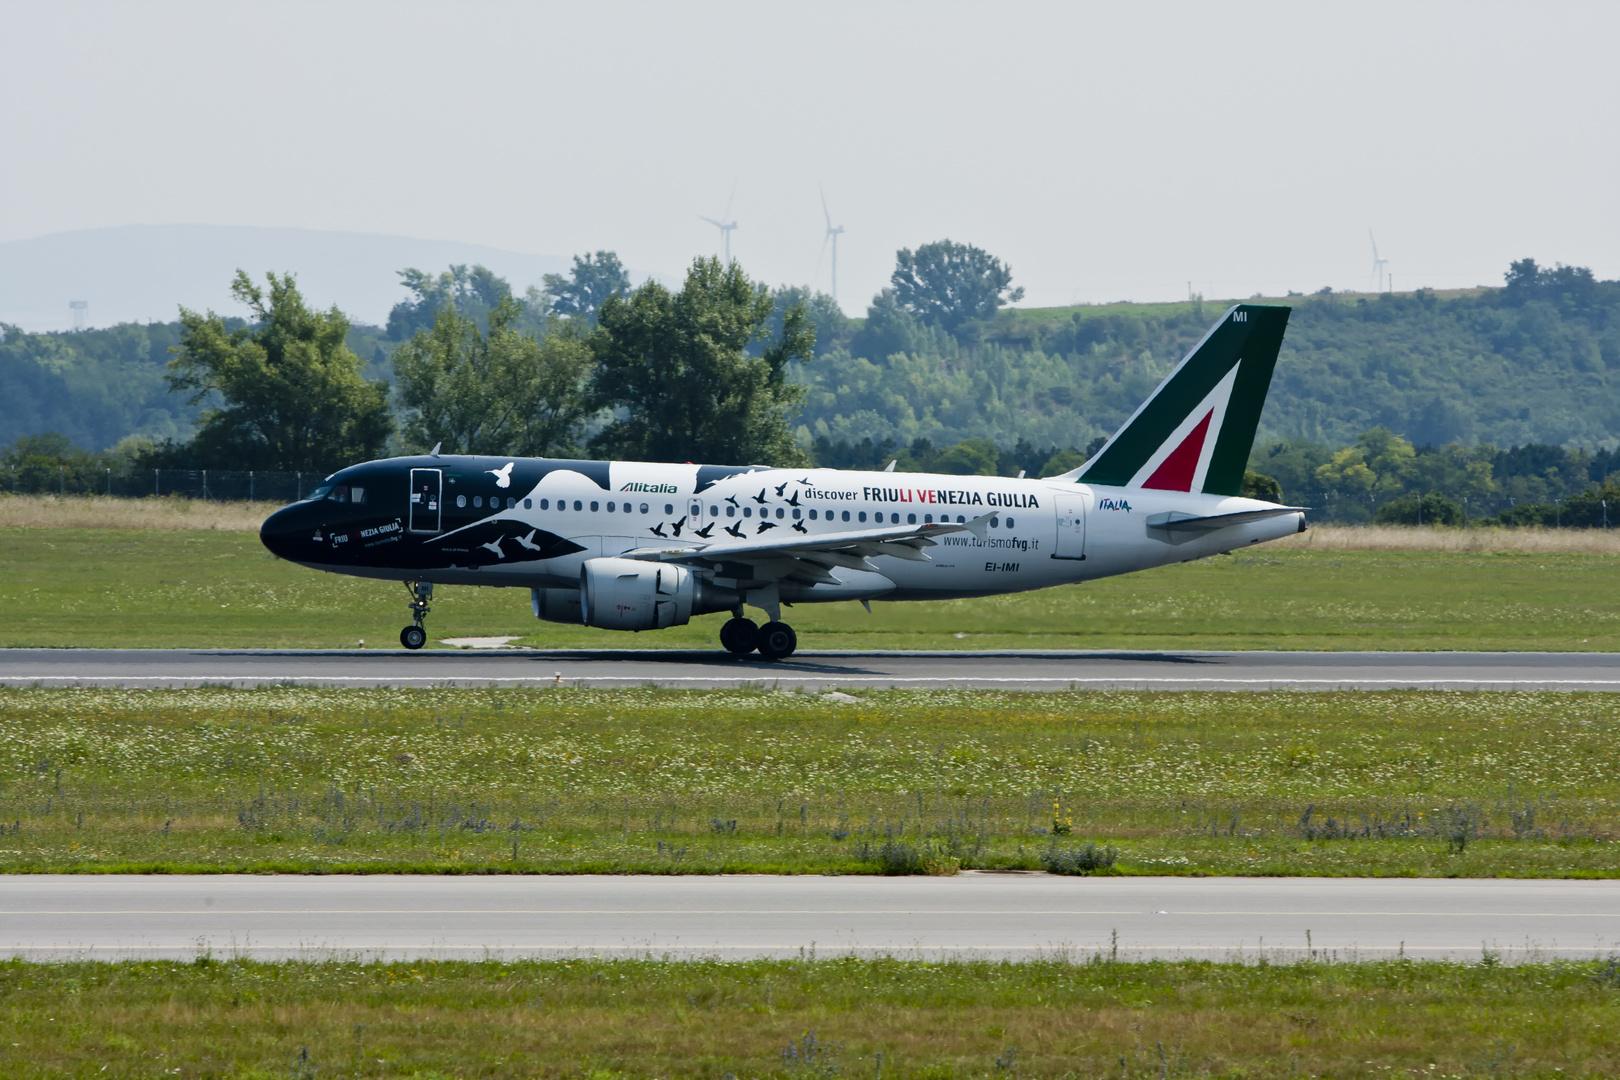 Alitalia A 319-112 ...